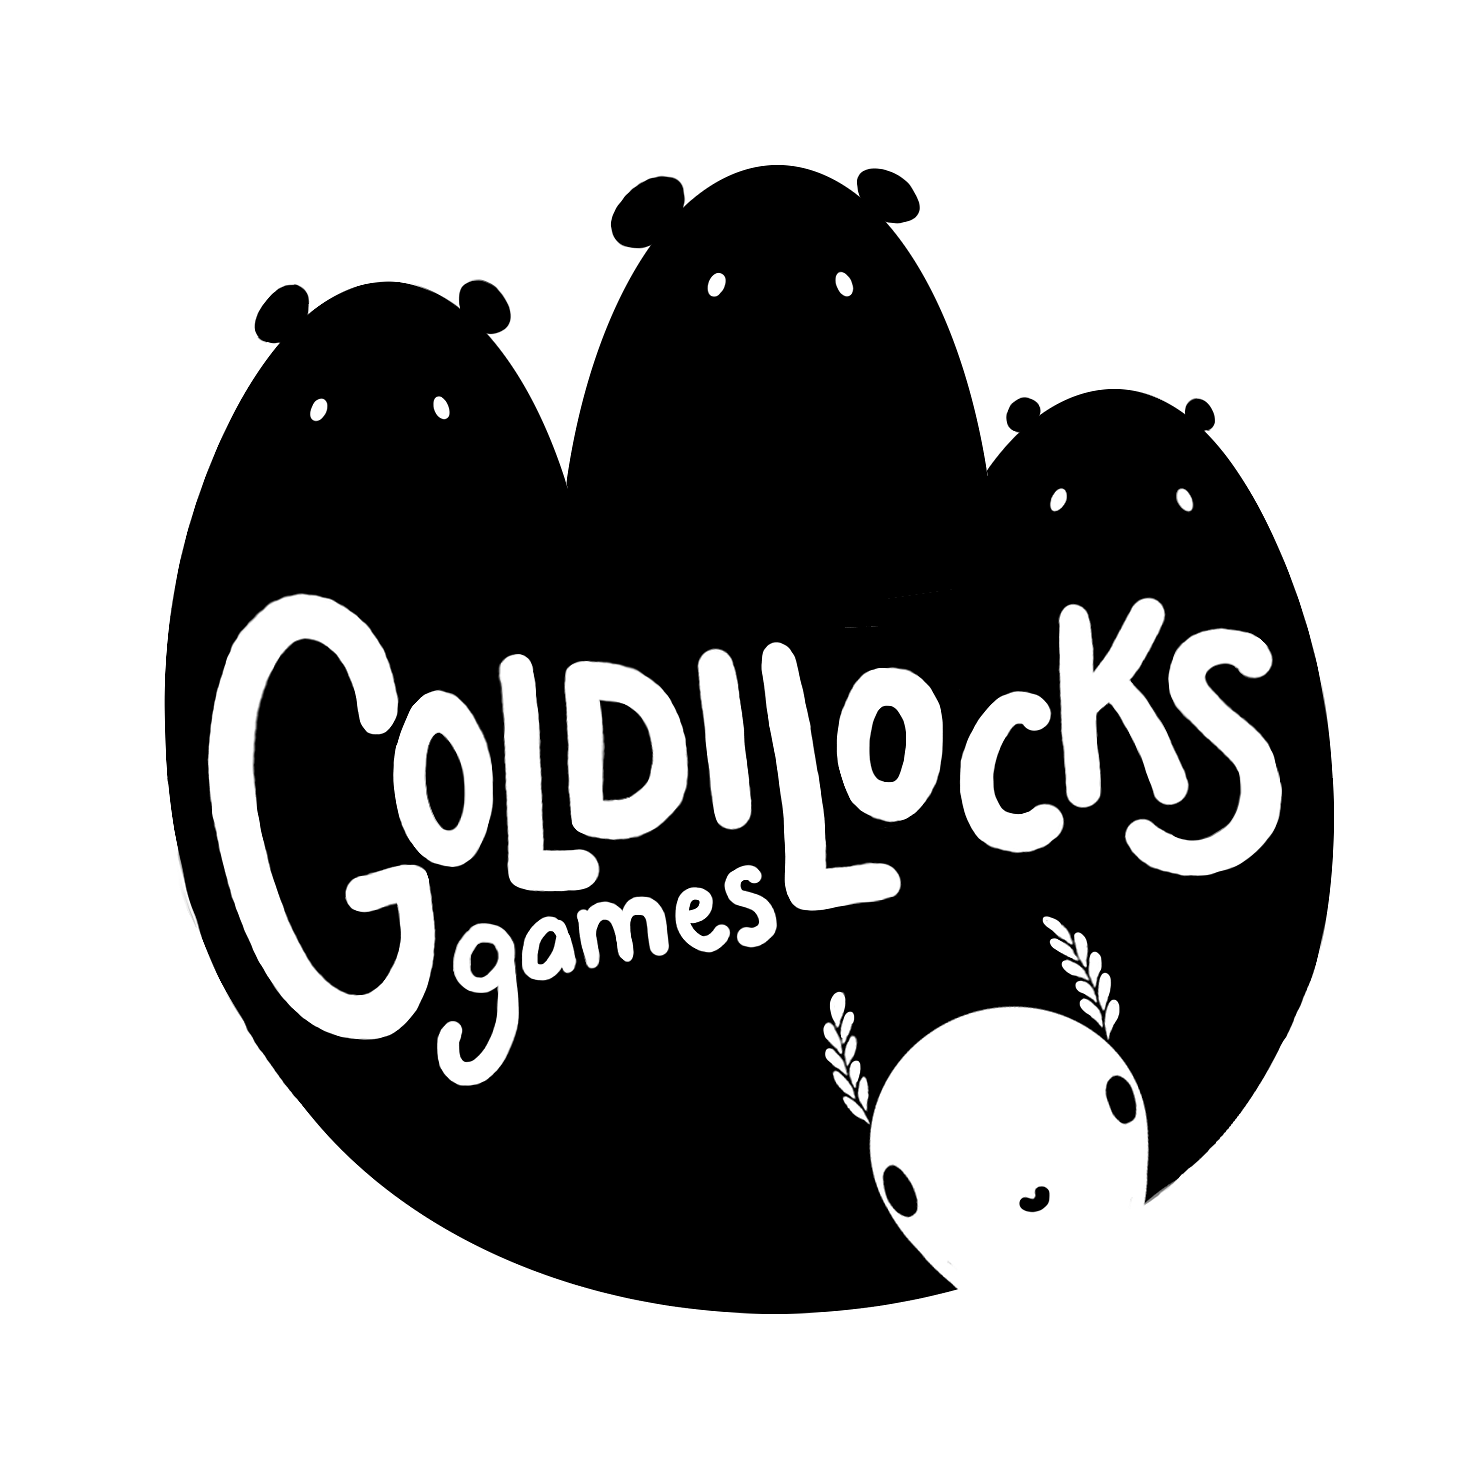 goldilocks_logo.png